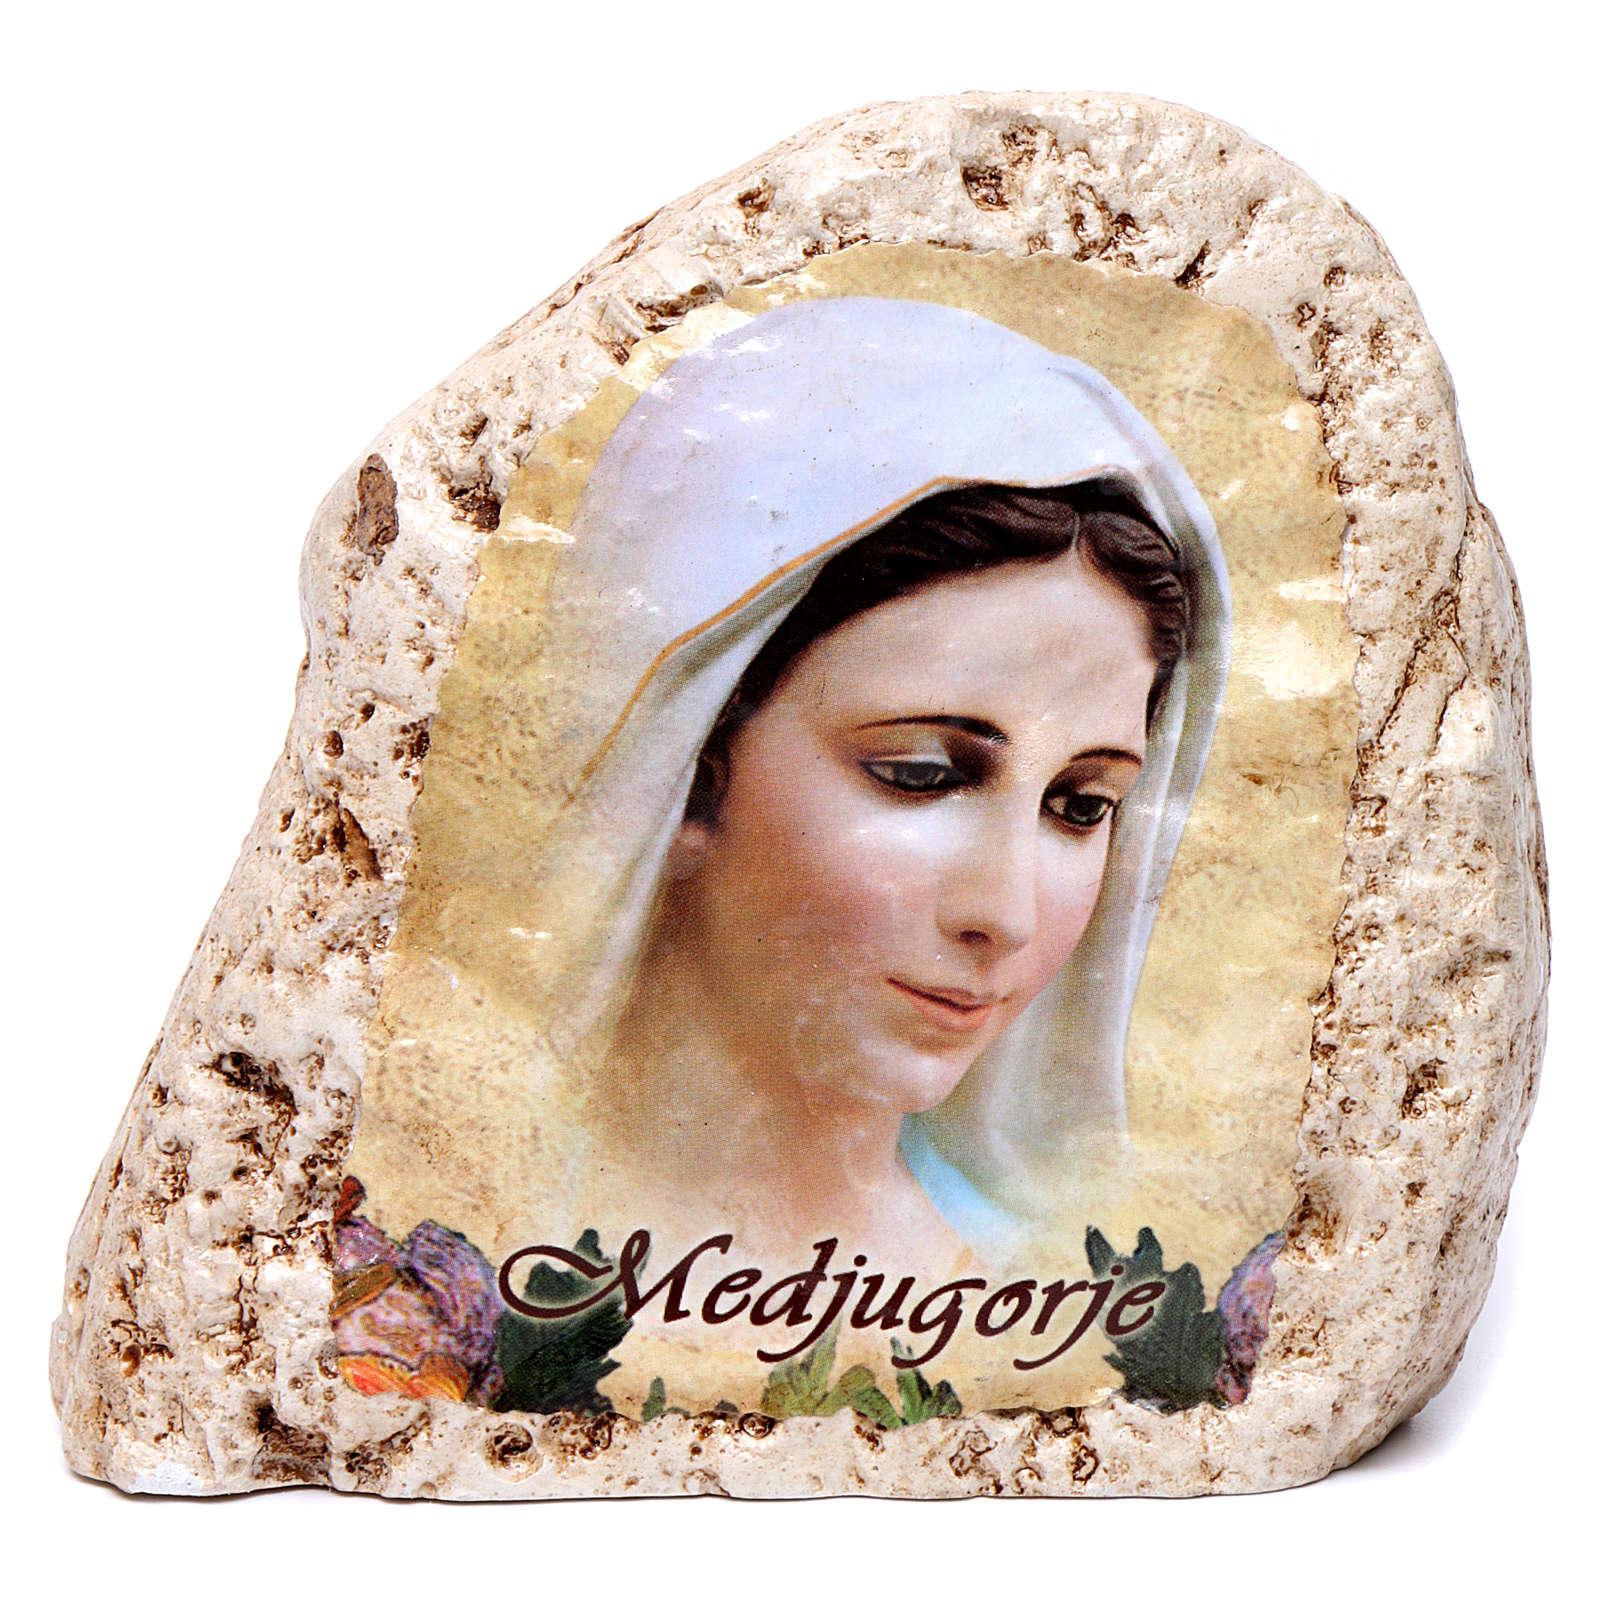 Cuadro de mesa de yeso Virgen de Medjugorje 4